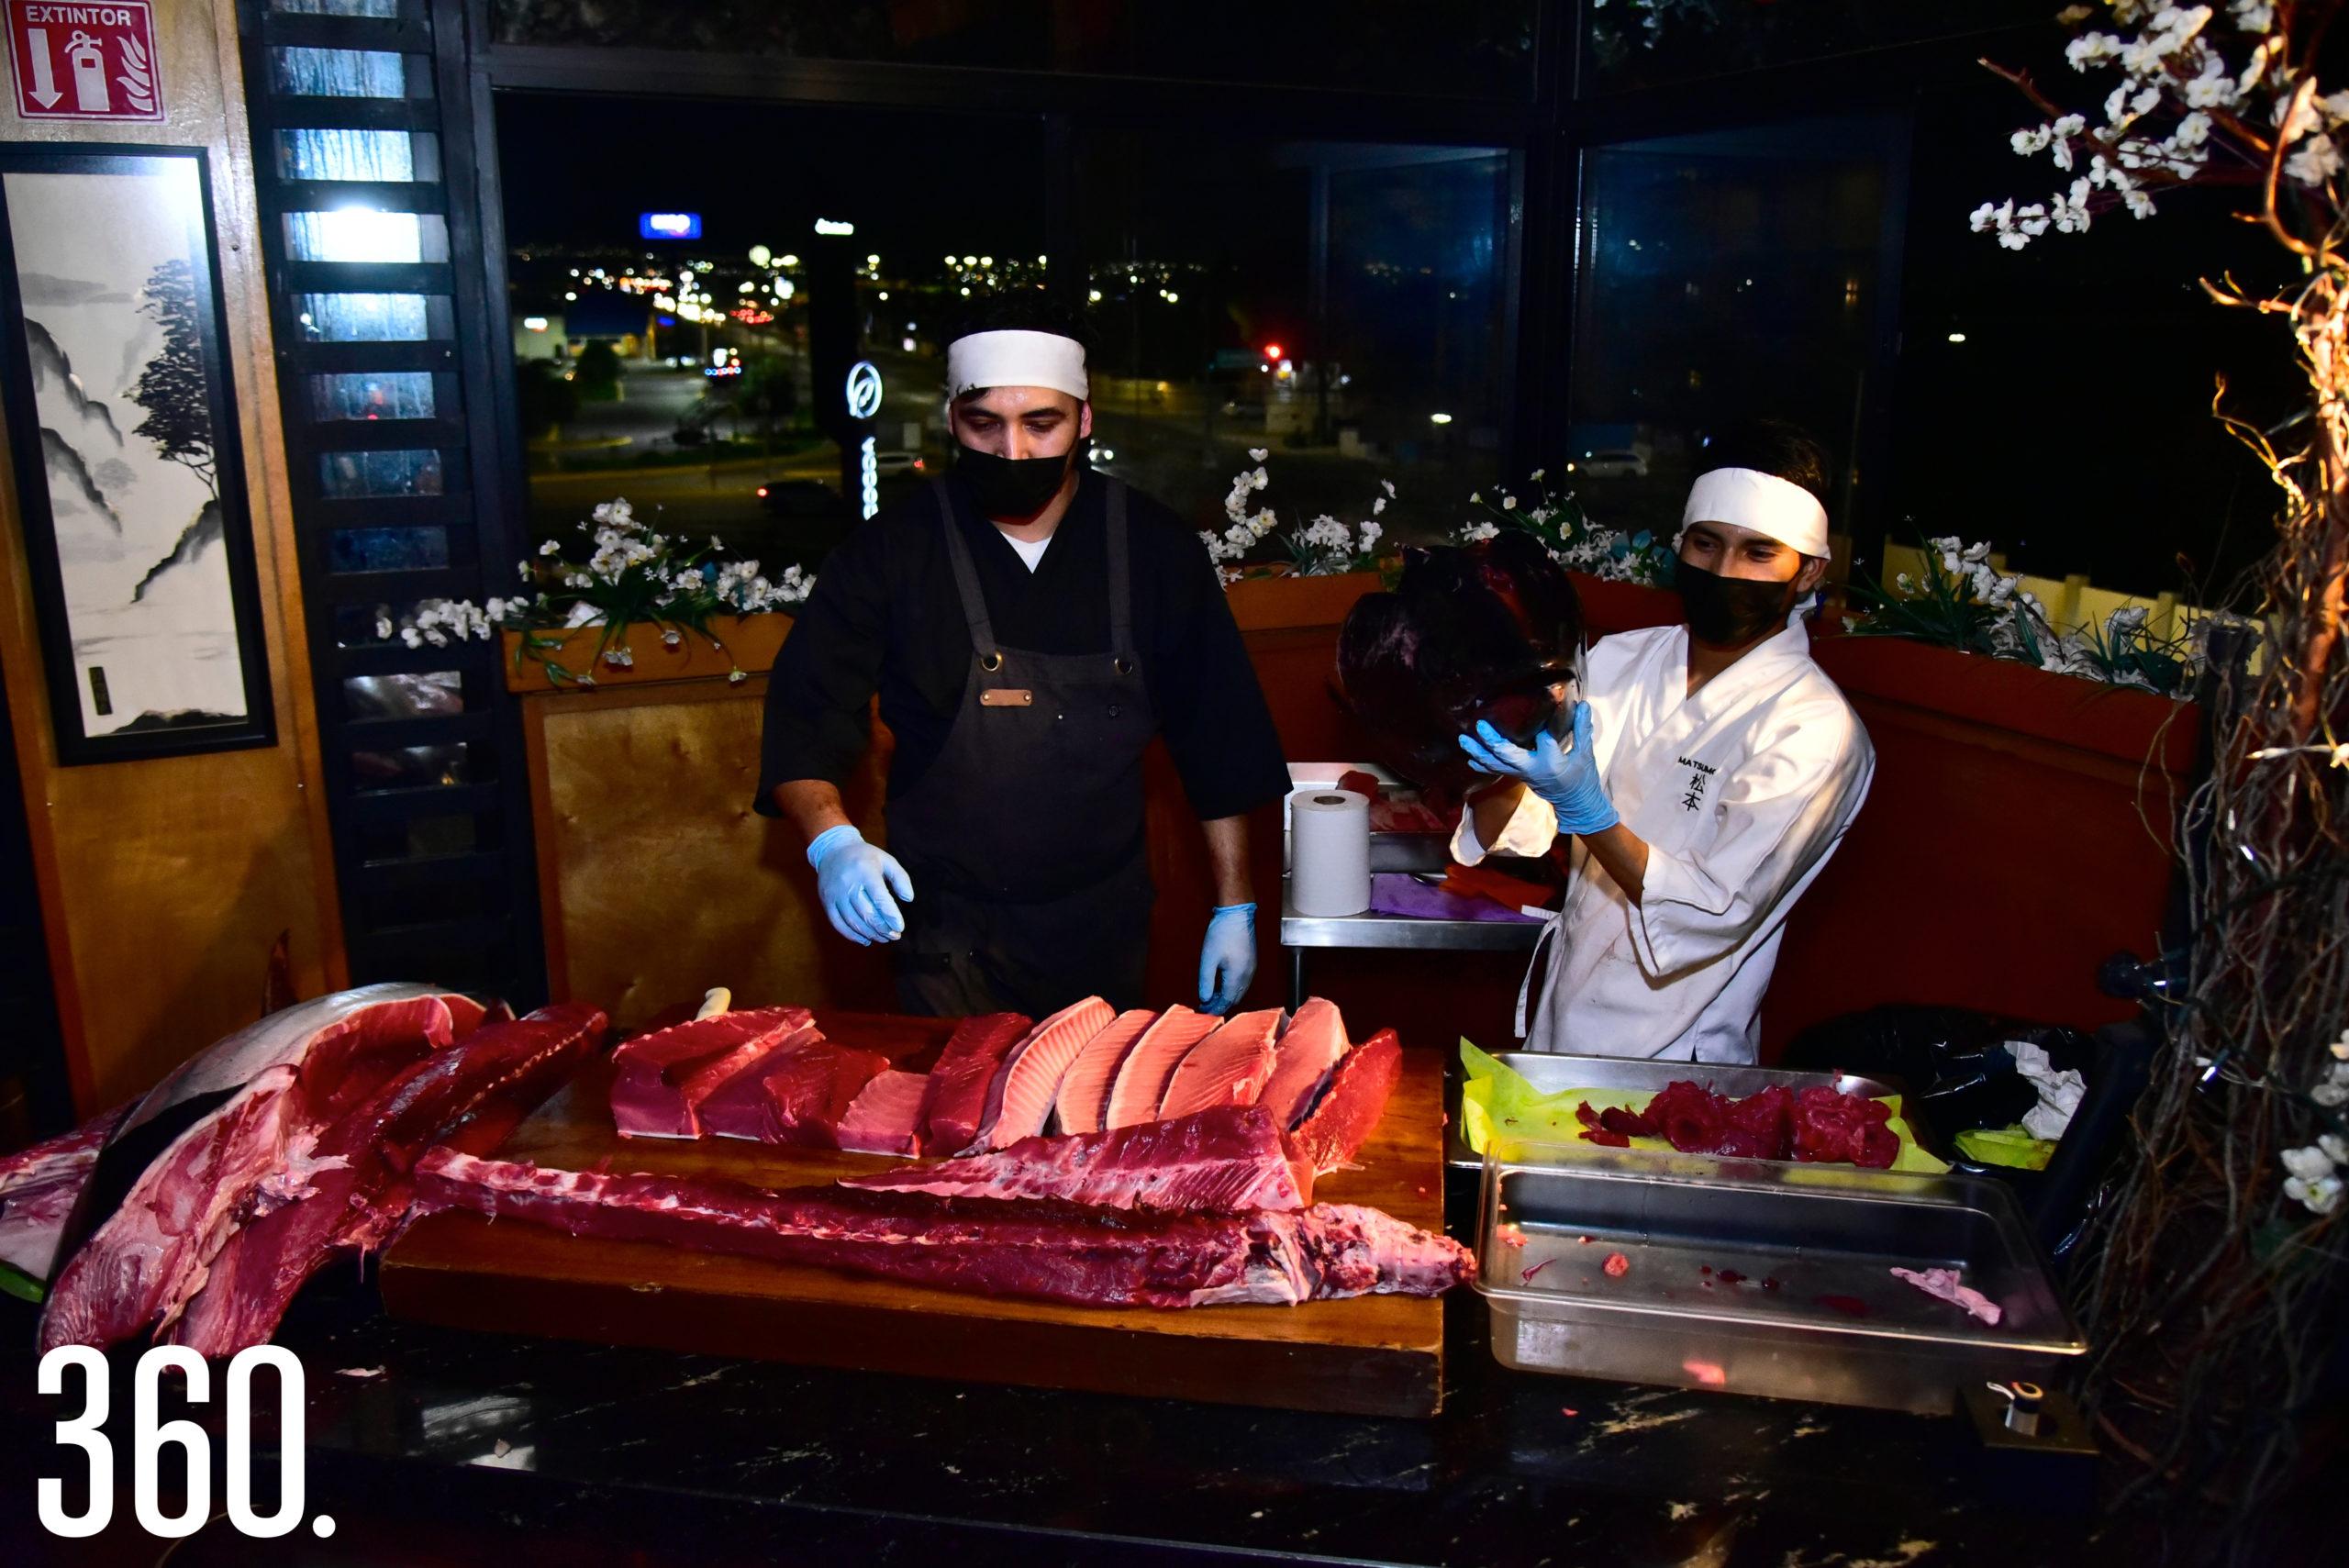 El chef explicando acerca de la forma de preparar el atún.